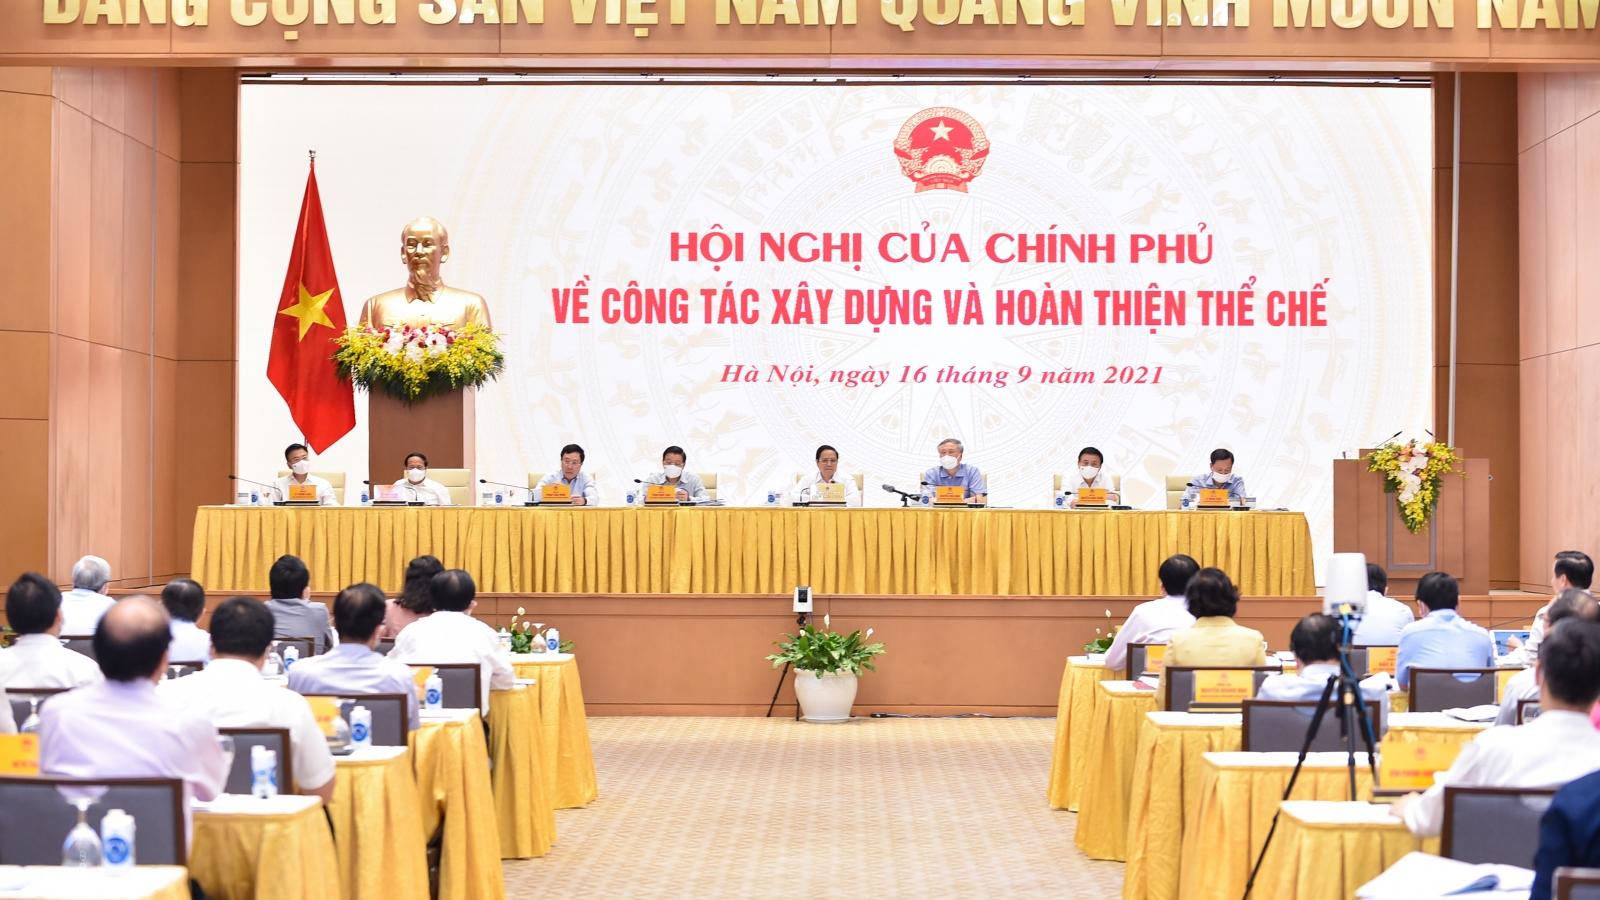 Thủ tướng chủ trì hội nghị về xây dựng và hoàn thiện thể chế